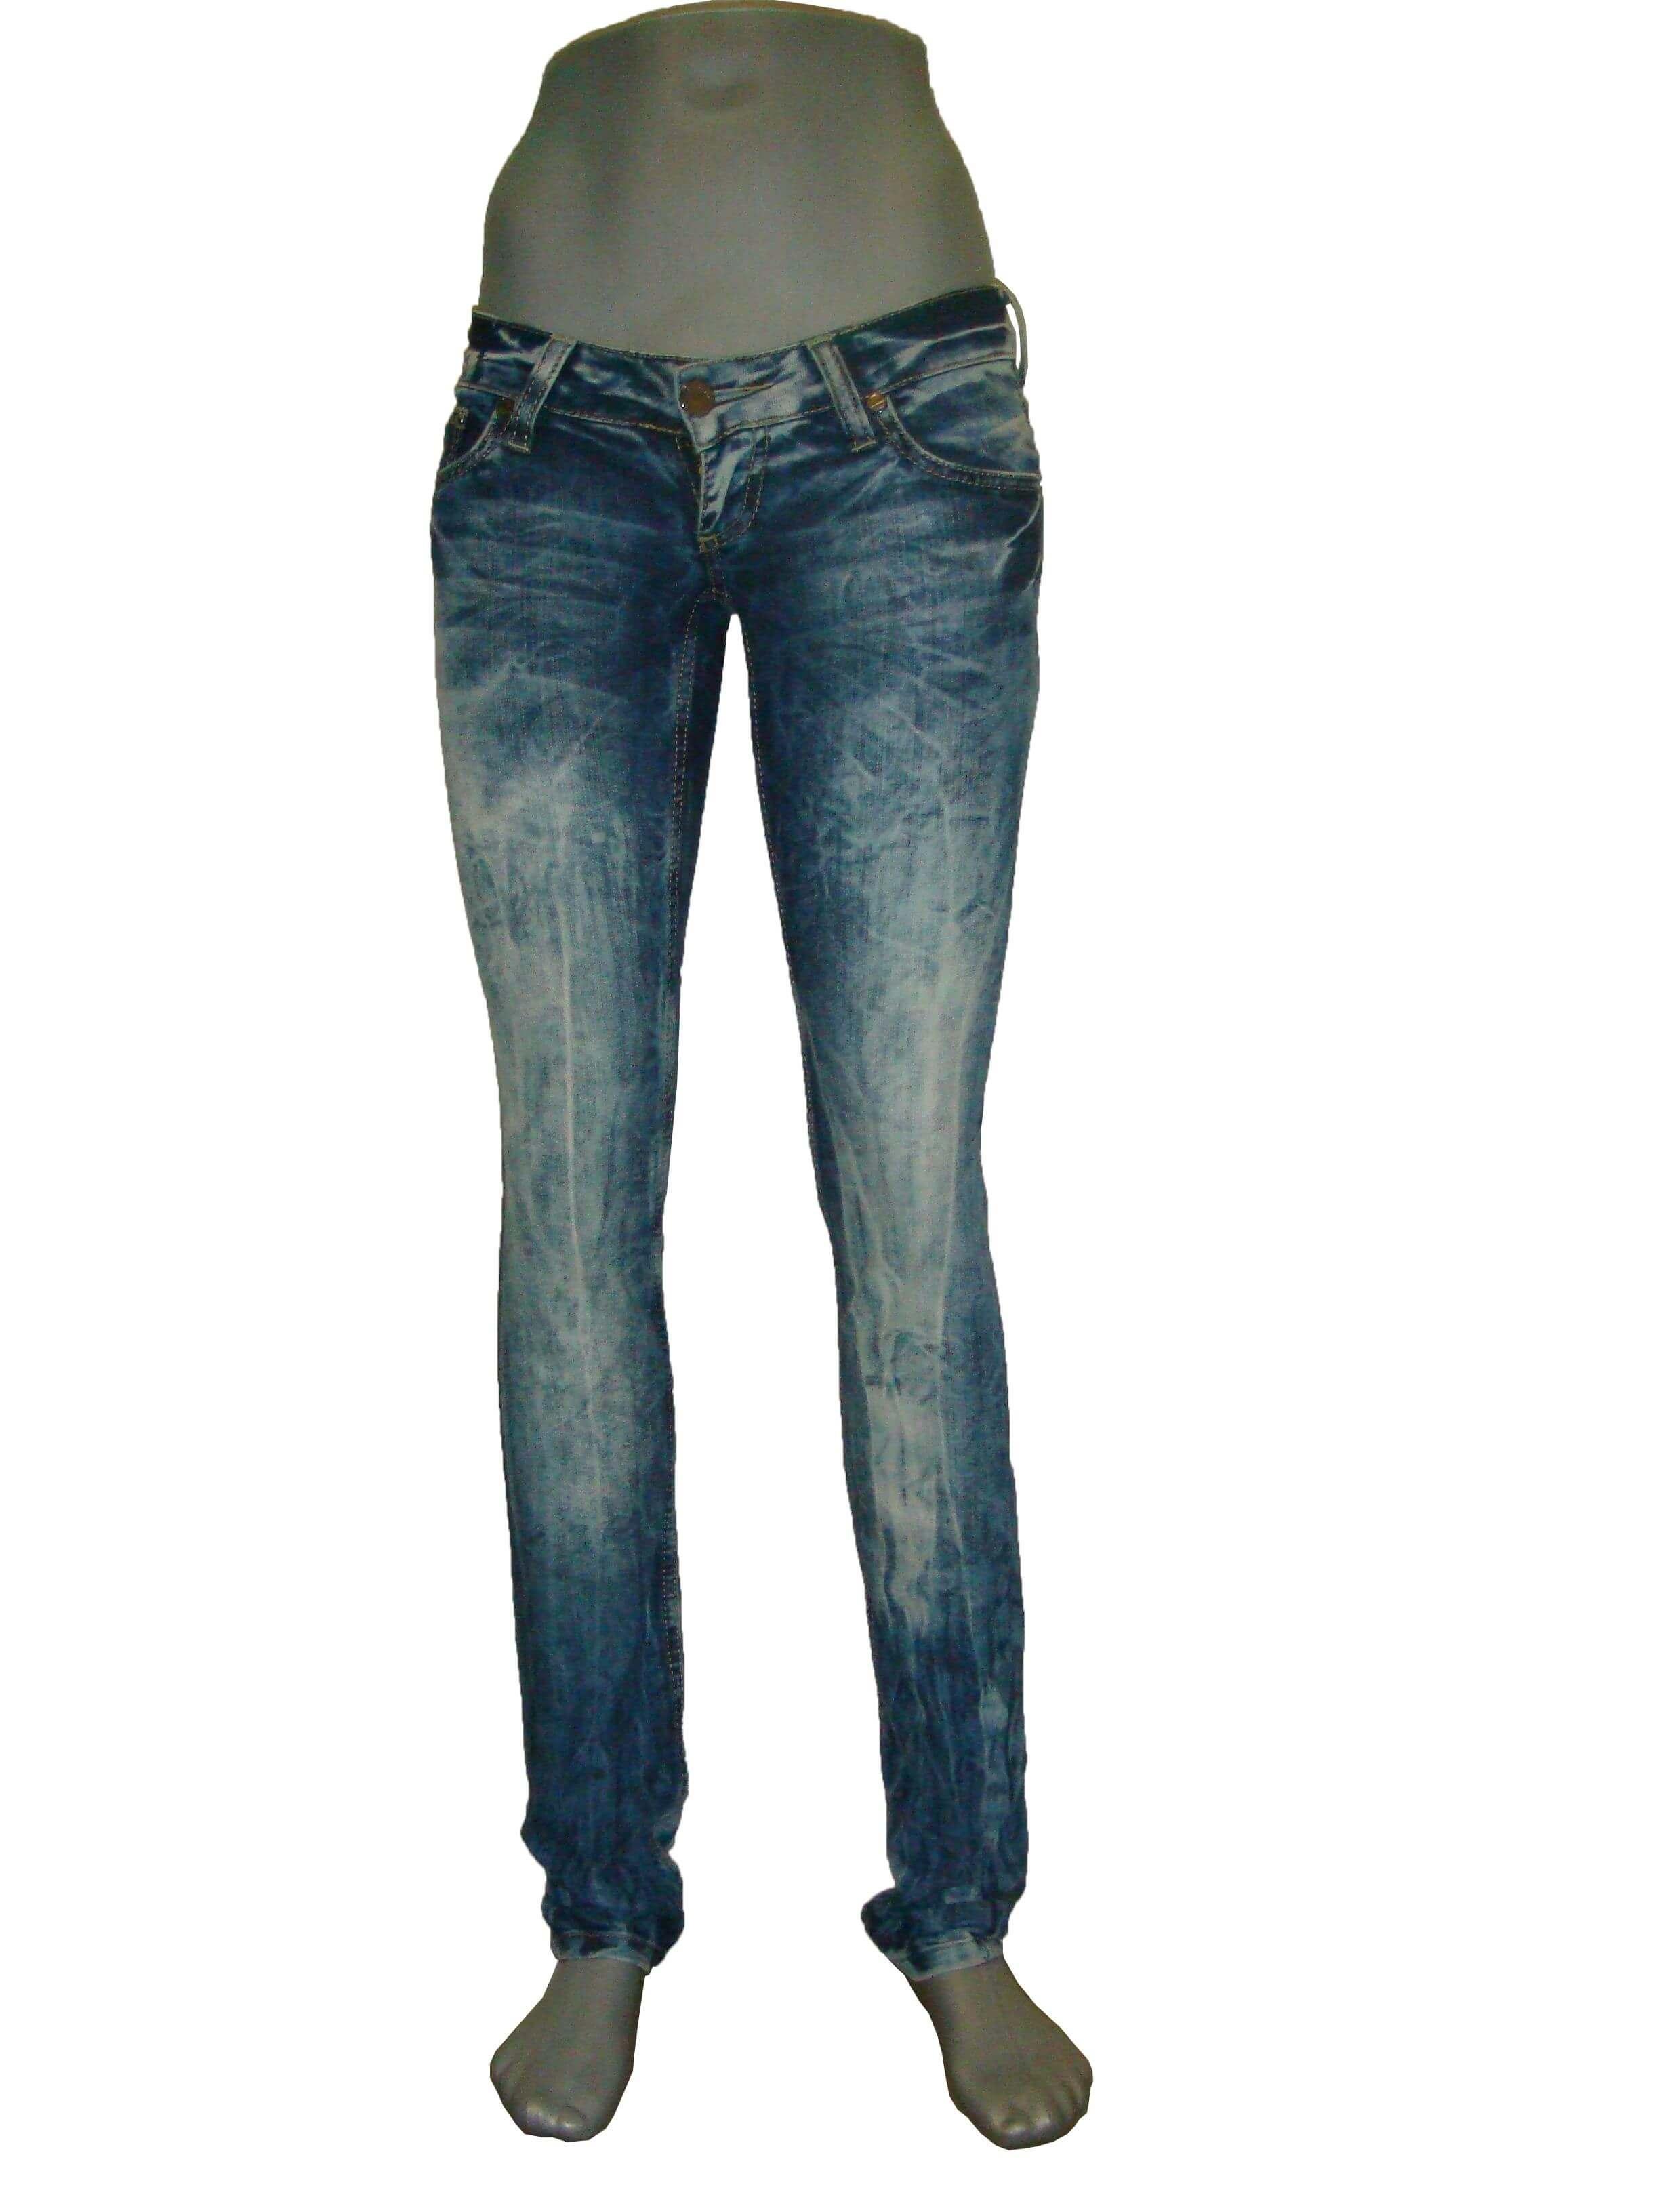 Кожаные джинсы женские доставка